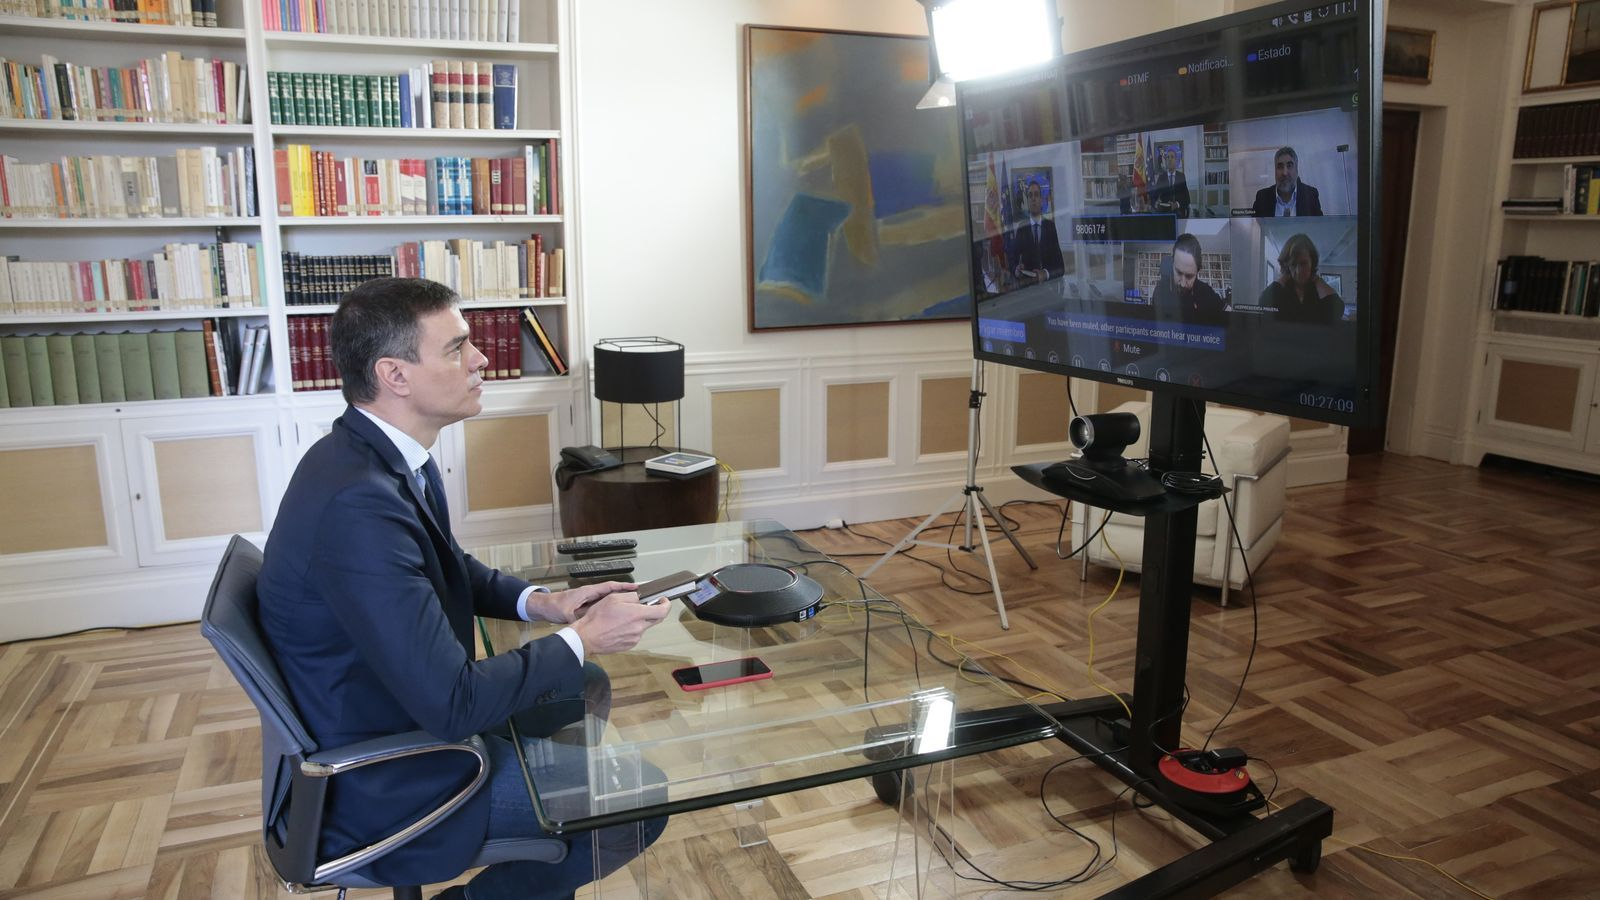 El president del govern espanyol, Pedro Sánchez, fent una reunió per videoconferència des de la Moncloa.